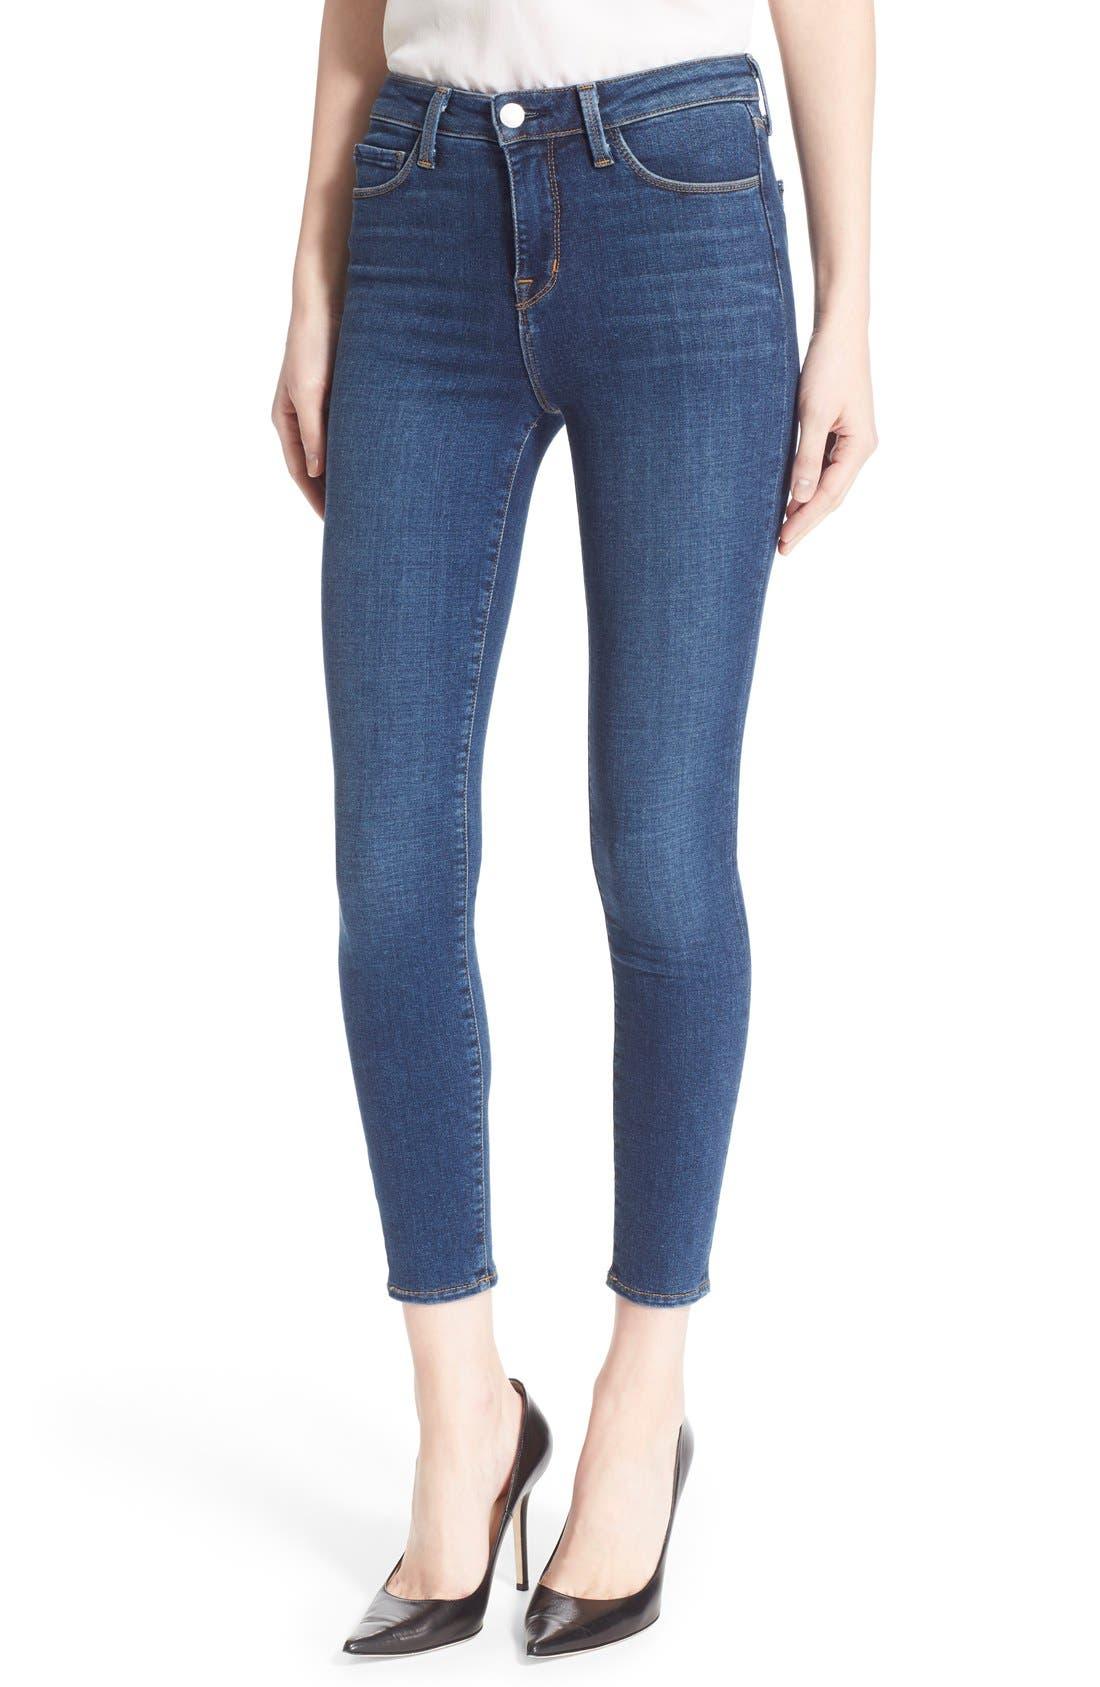 L'AGENCE Margot High Waist Crop Jeans